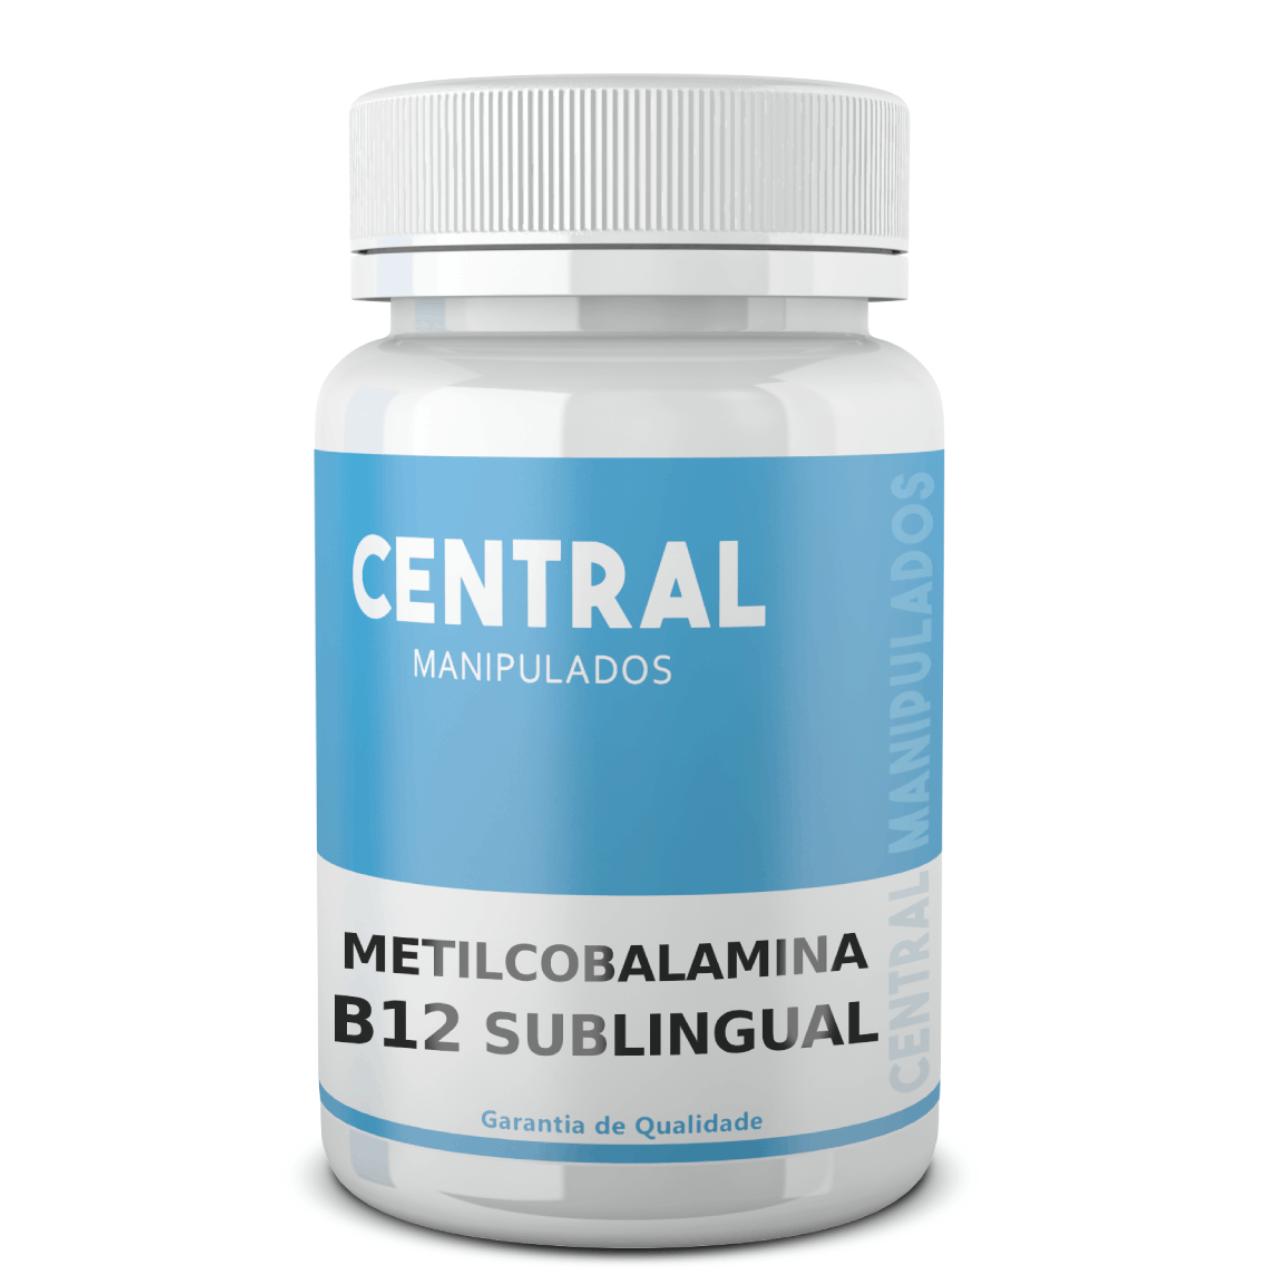 Metilcobalamina 800mcg - 60 cápsulas - Vitamina B12 - Sublingual (Tapiocaps)